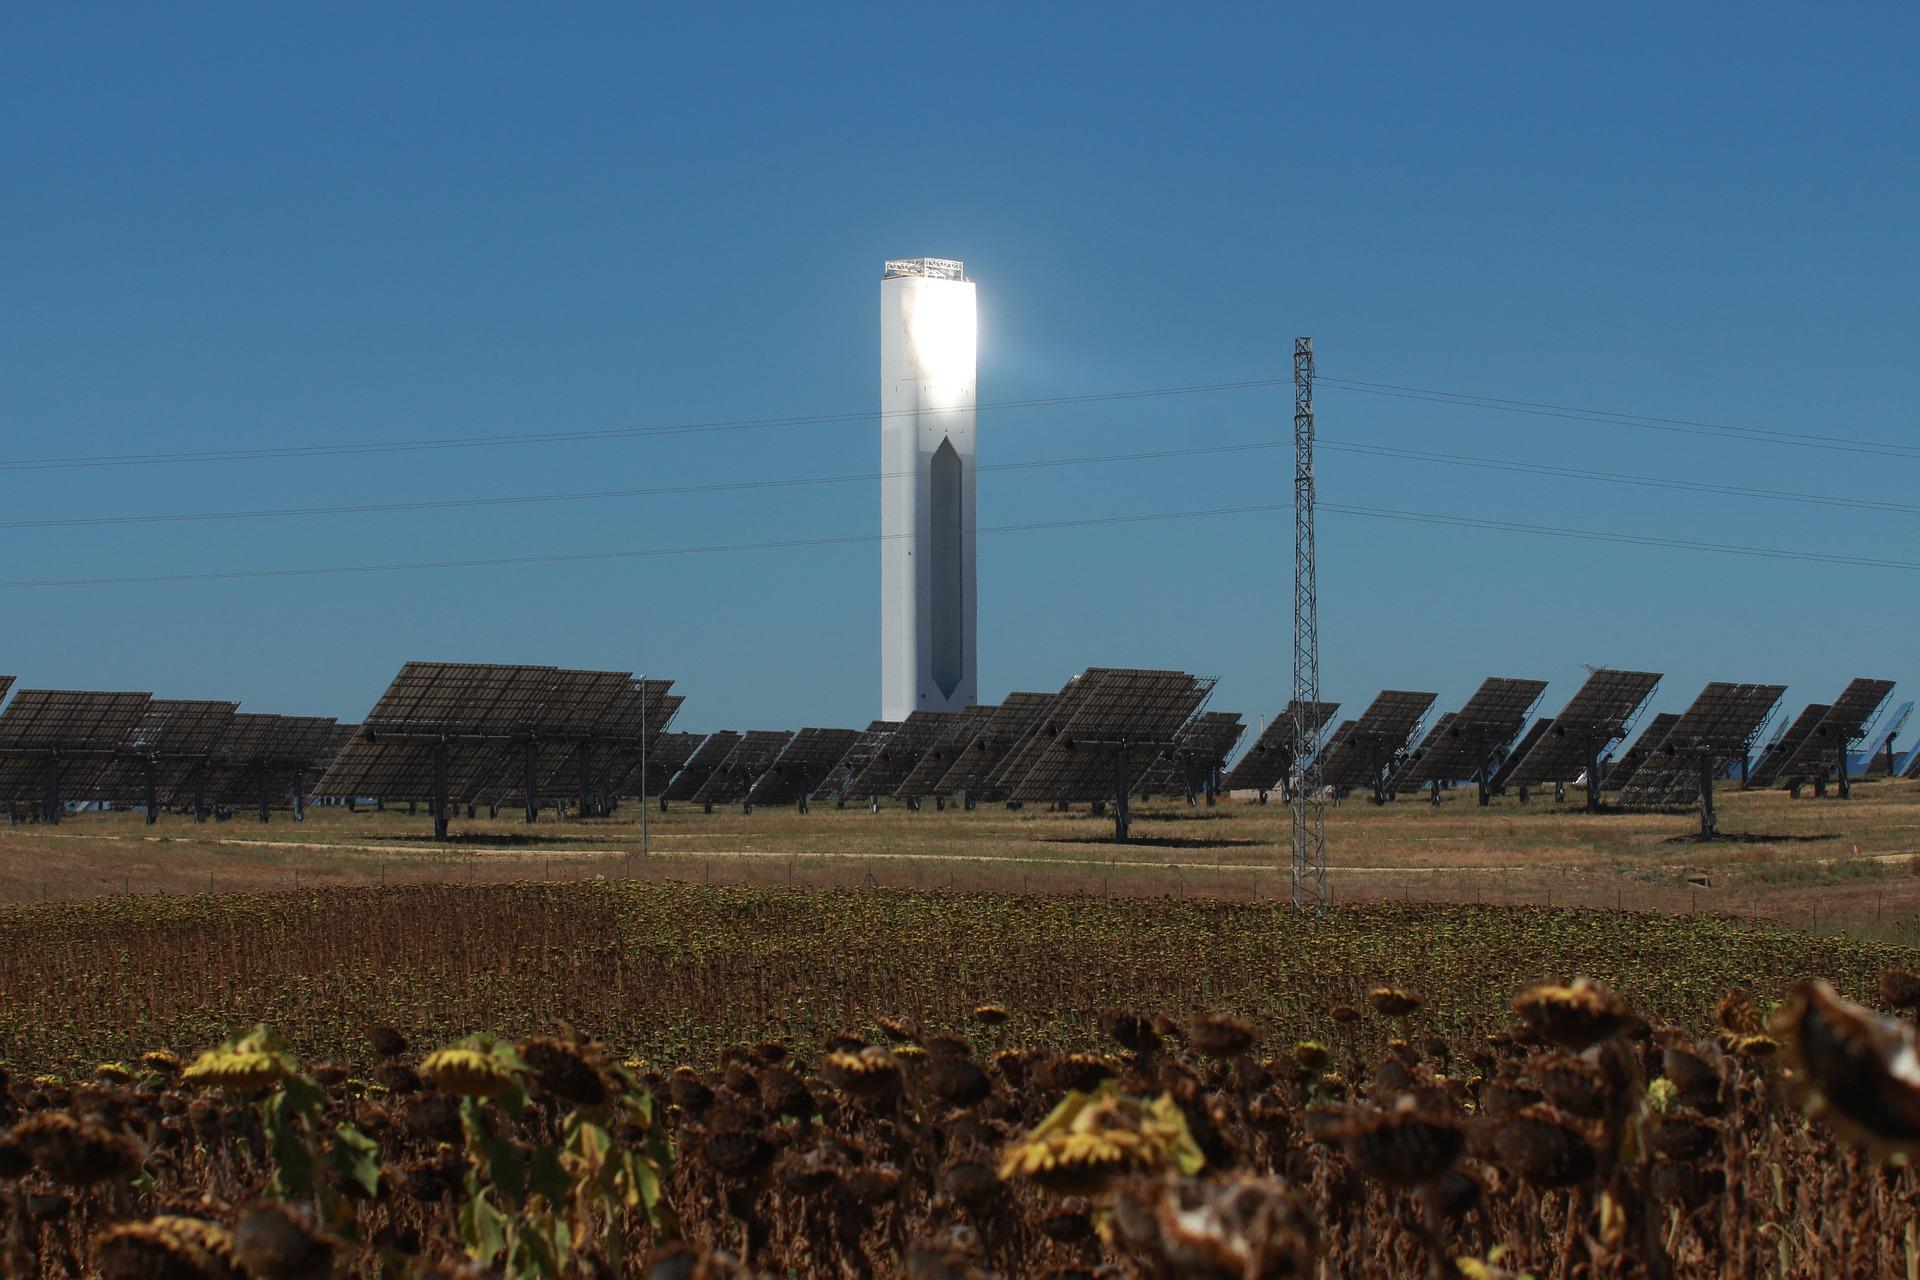 Solarteur